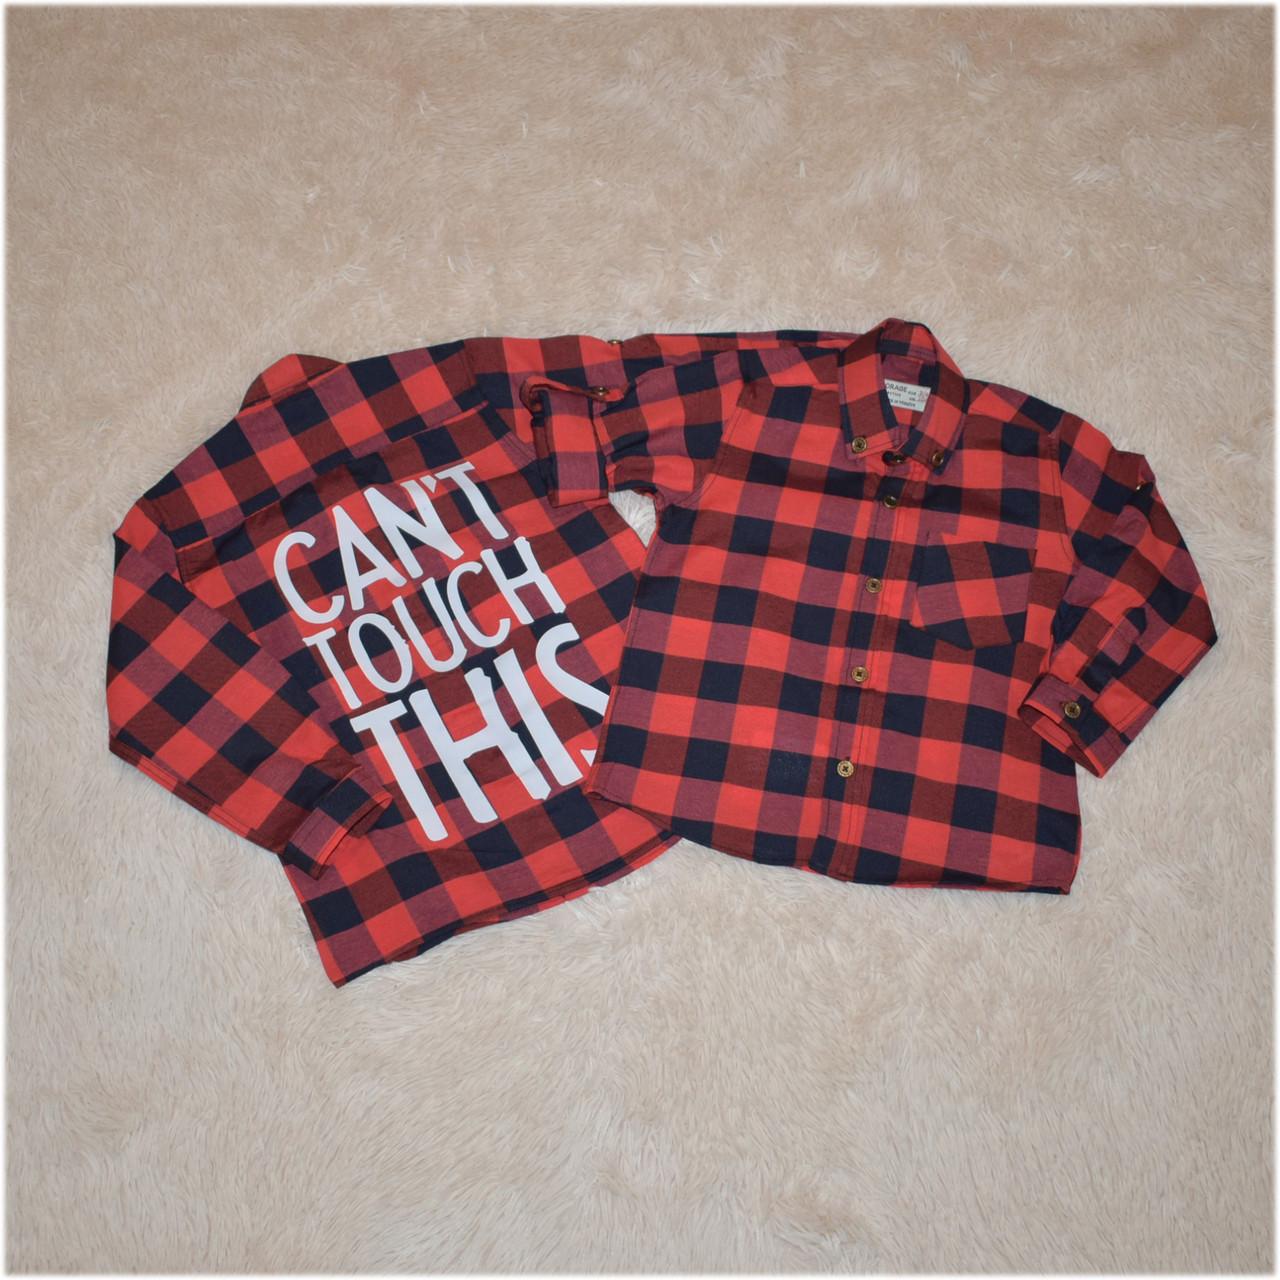 Рубашка на мальчика в клетку красного цвета Турция  размер  104 110 116 122 128 134 140 146 152